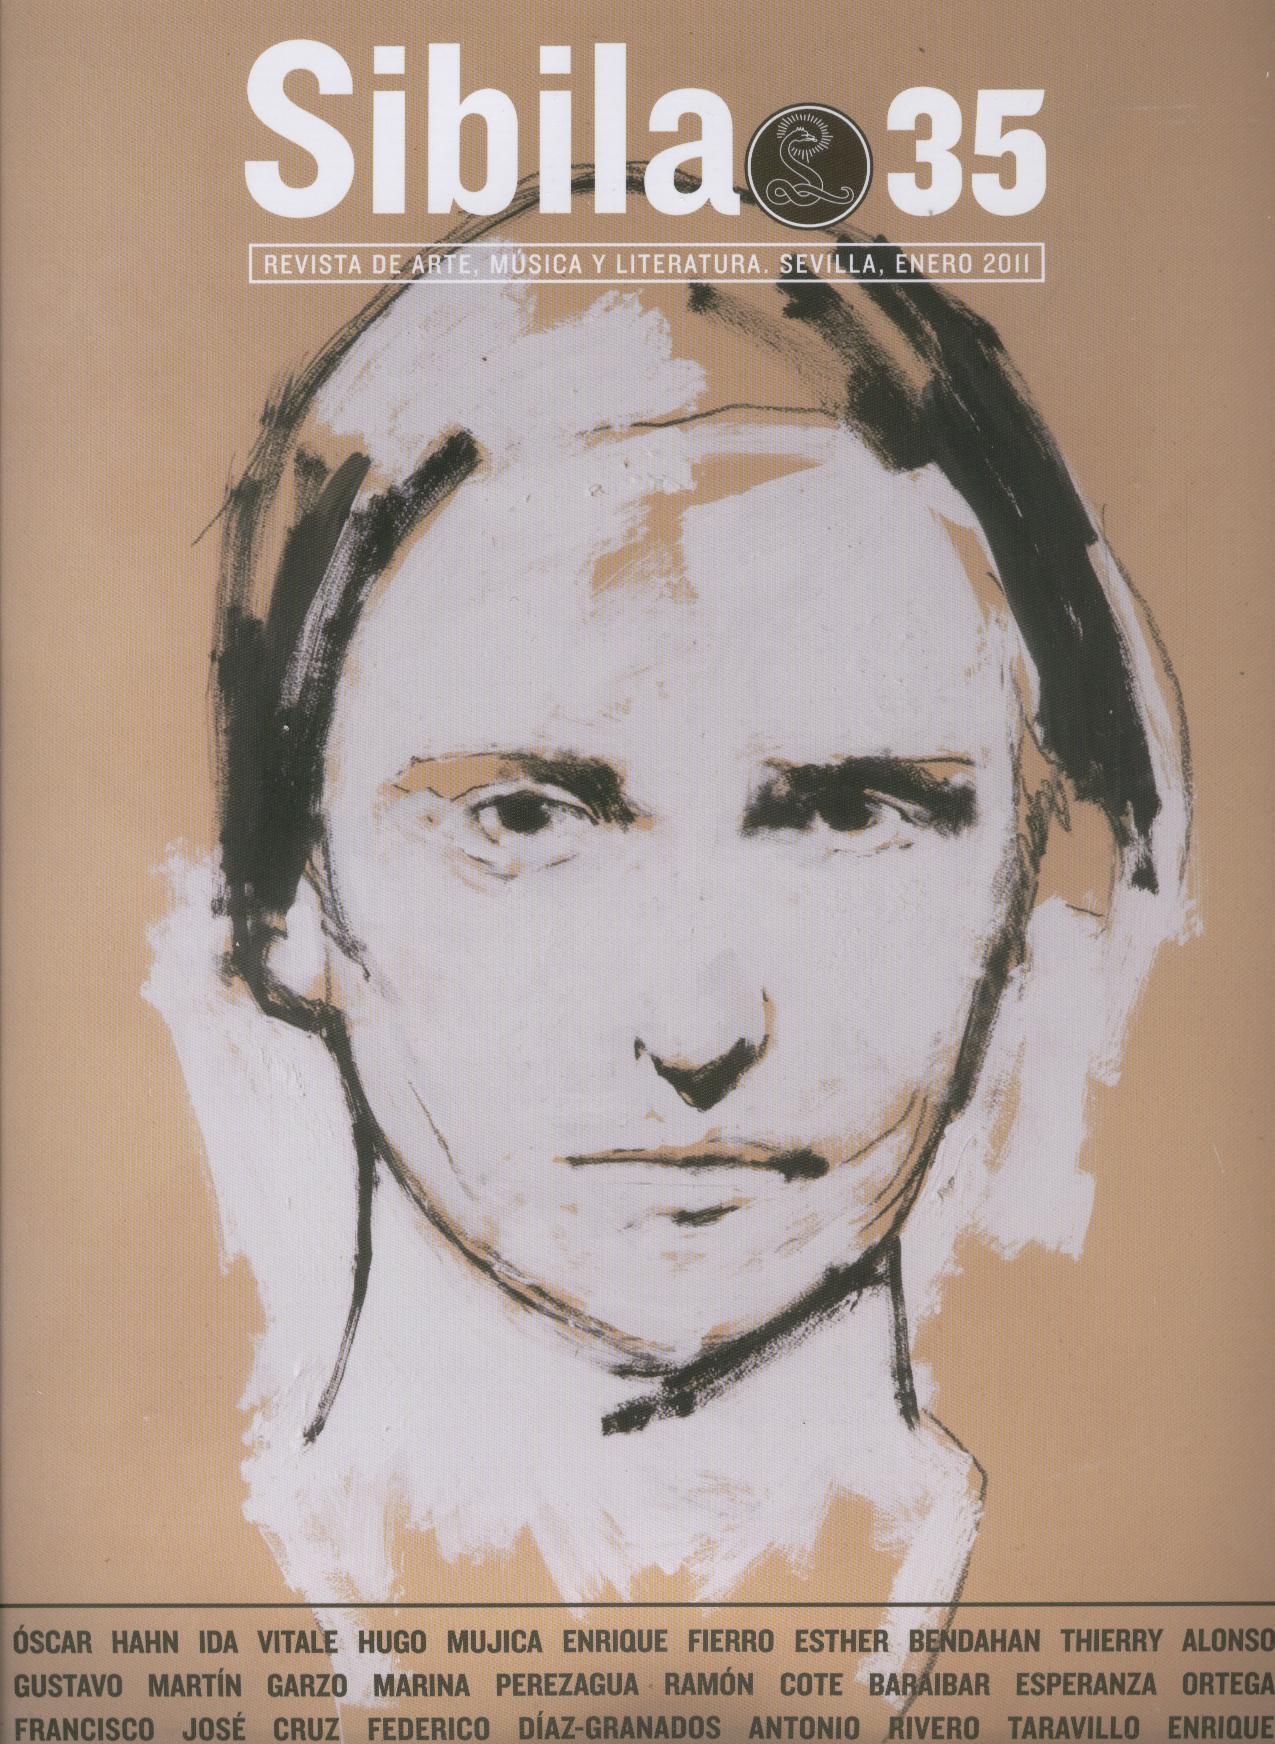 REVISTA SIBILA Nº35 ENERO 2011: portada